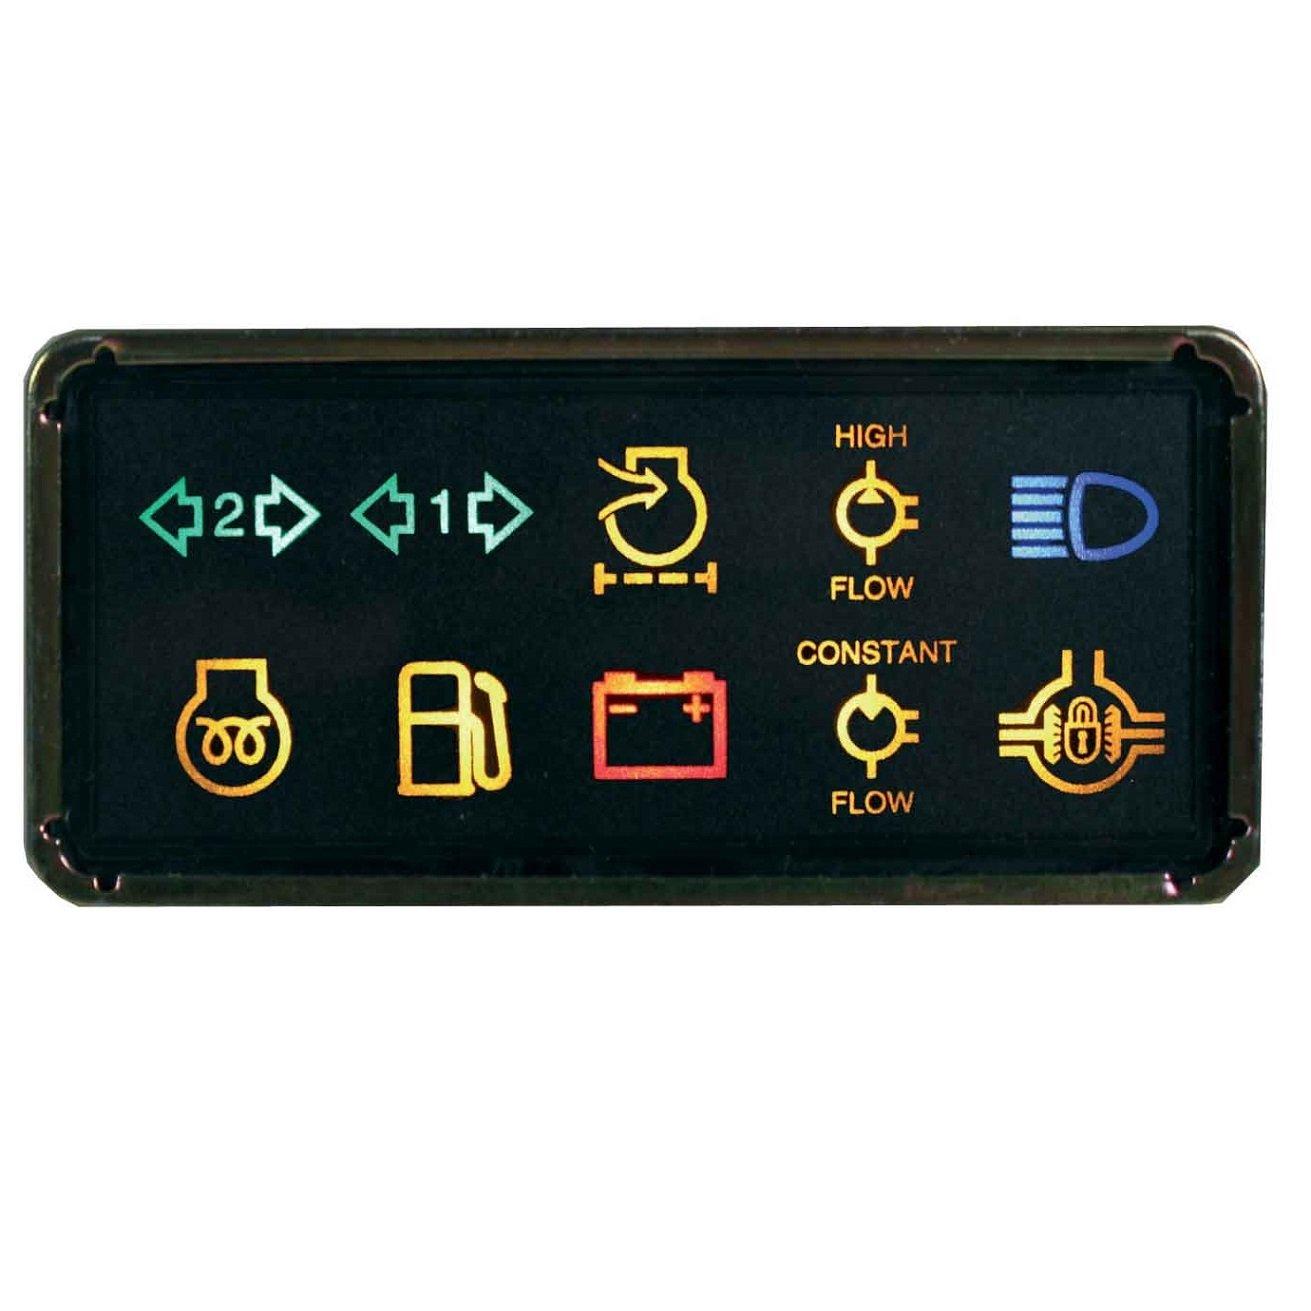 Relógio Sinalizador 10 Funções Luzes de Aviso VALMET - Lado